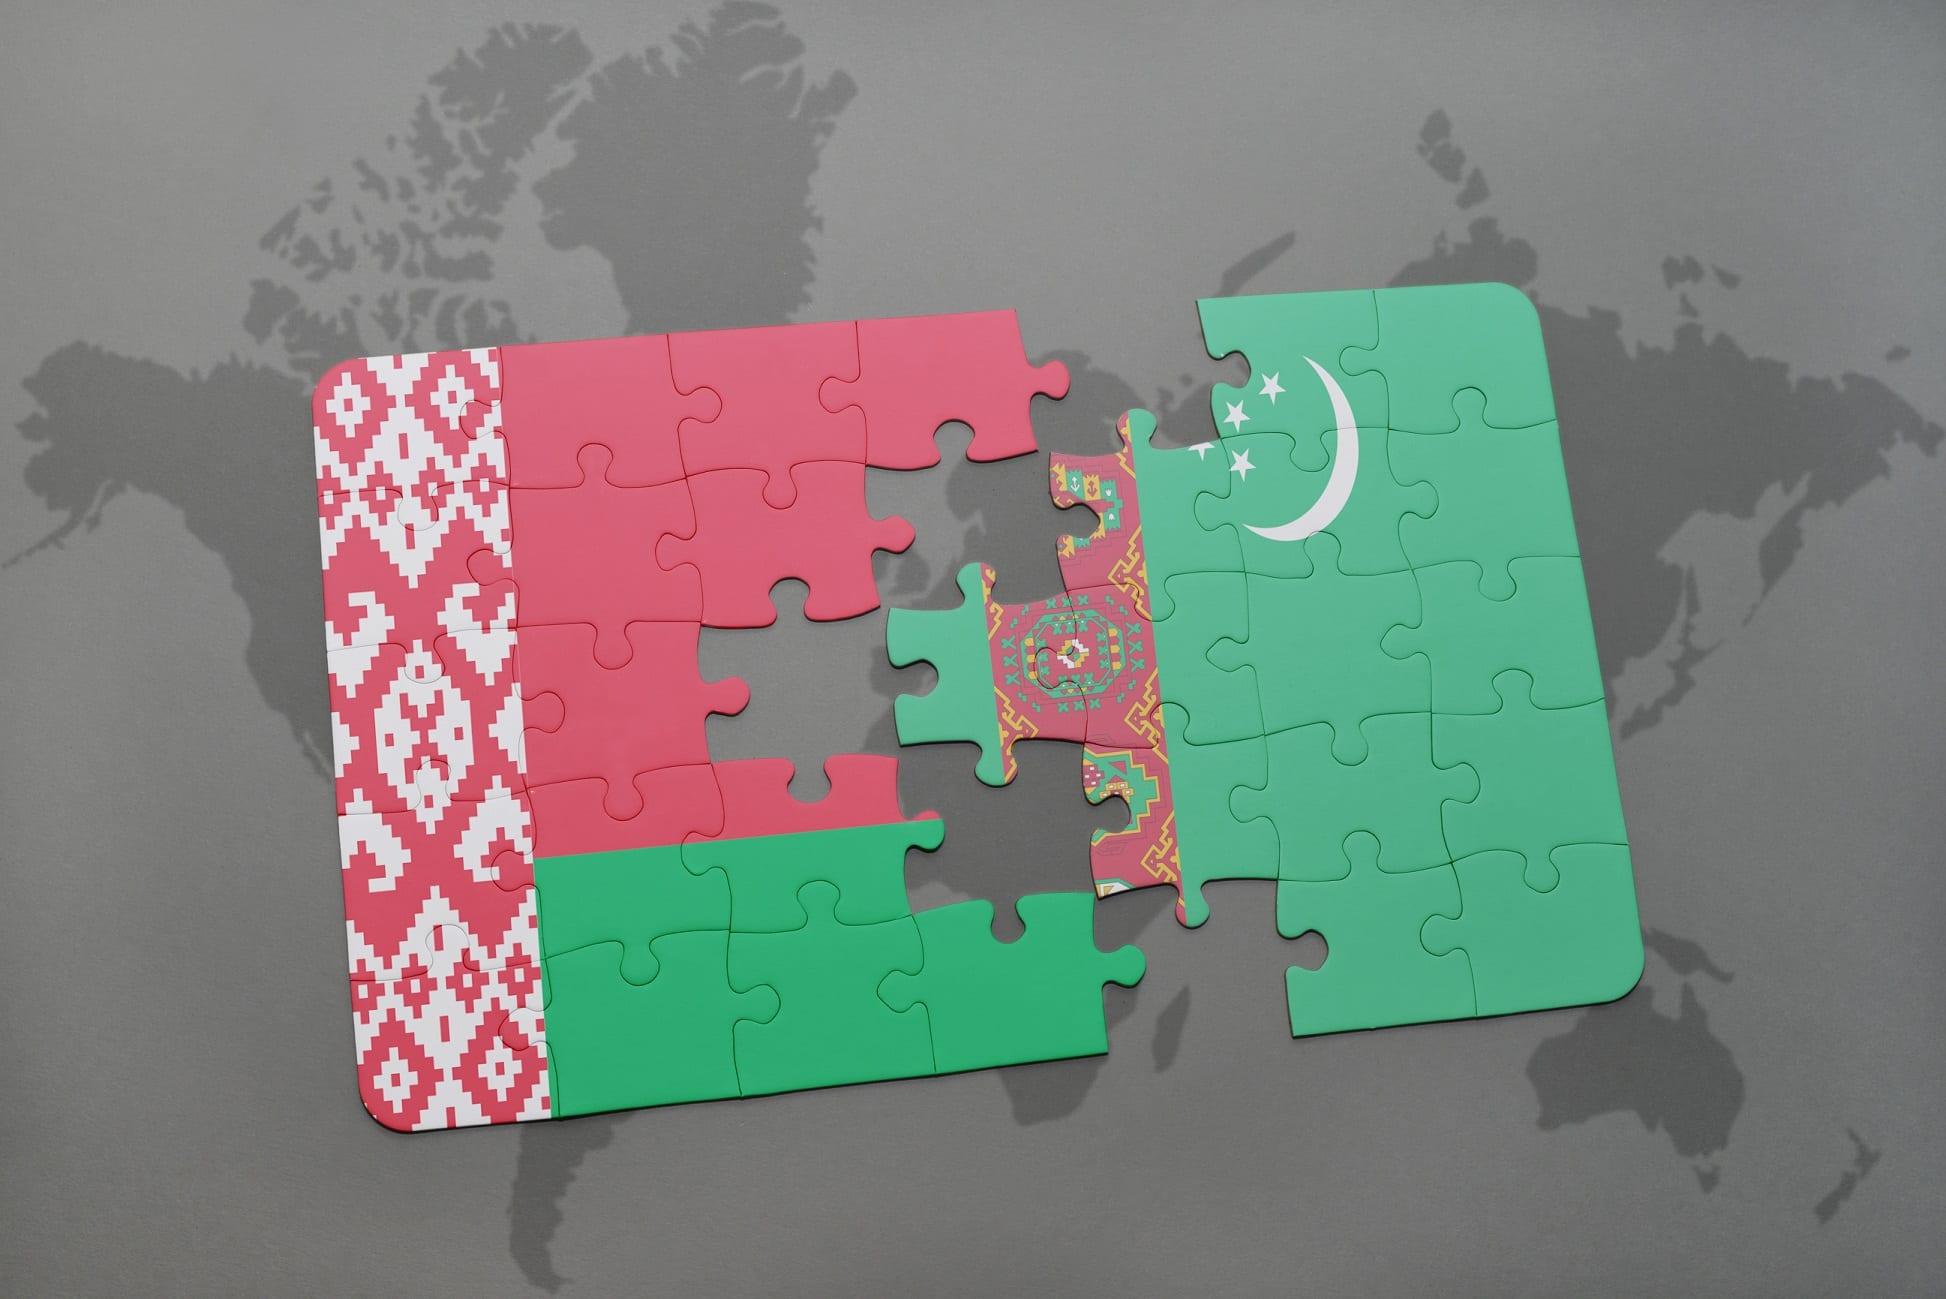 Flaga Białorusi i Turkmenistanu z puzzli